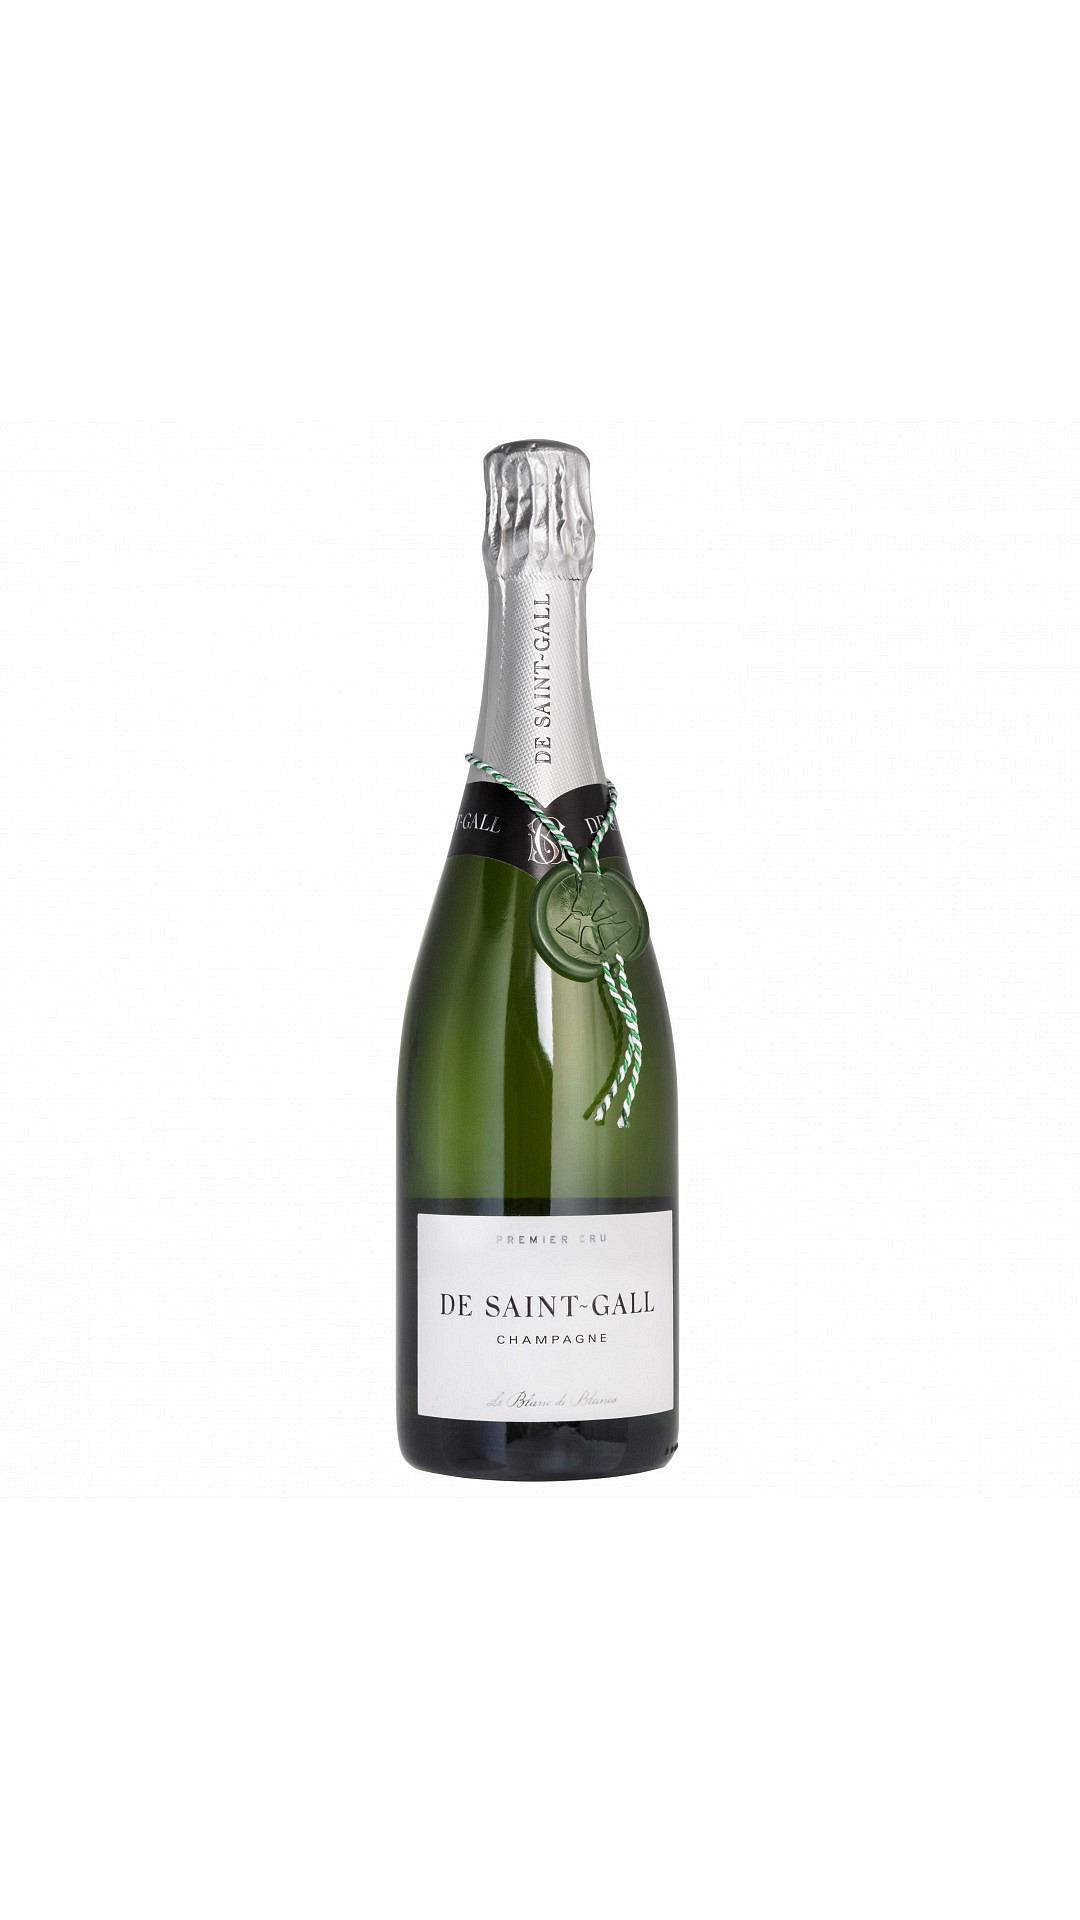 Champagne de Saint Gall mit HSG-Siegel